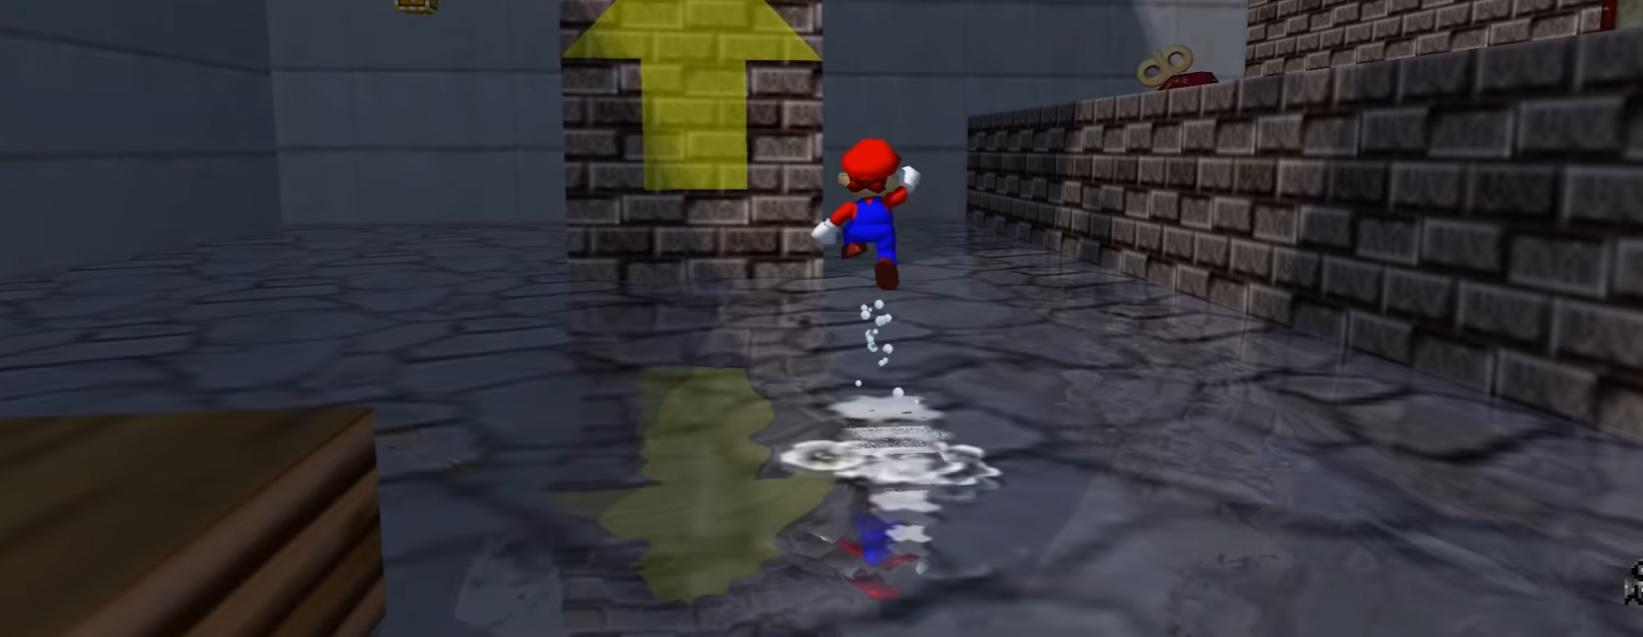 A Mario 64 ray tracing mod? Sure screenshot